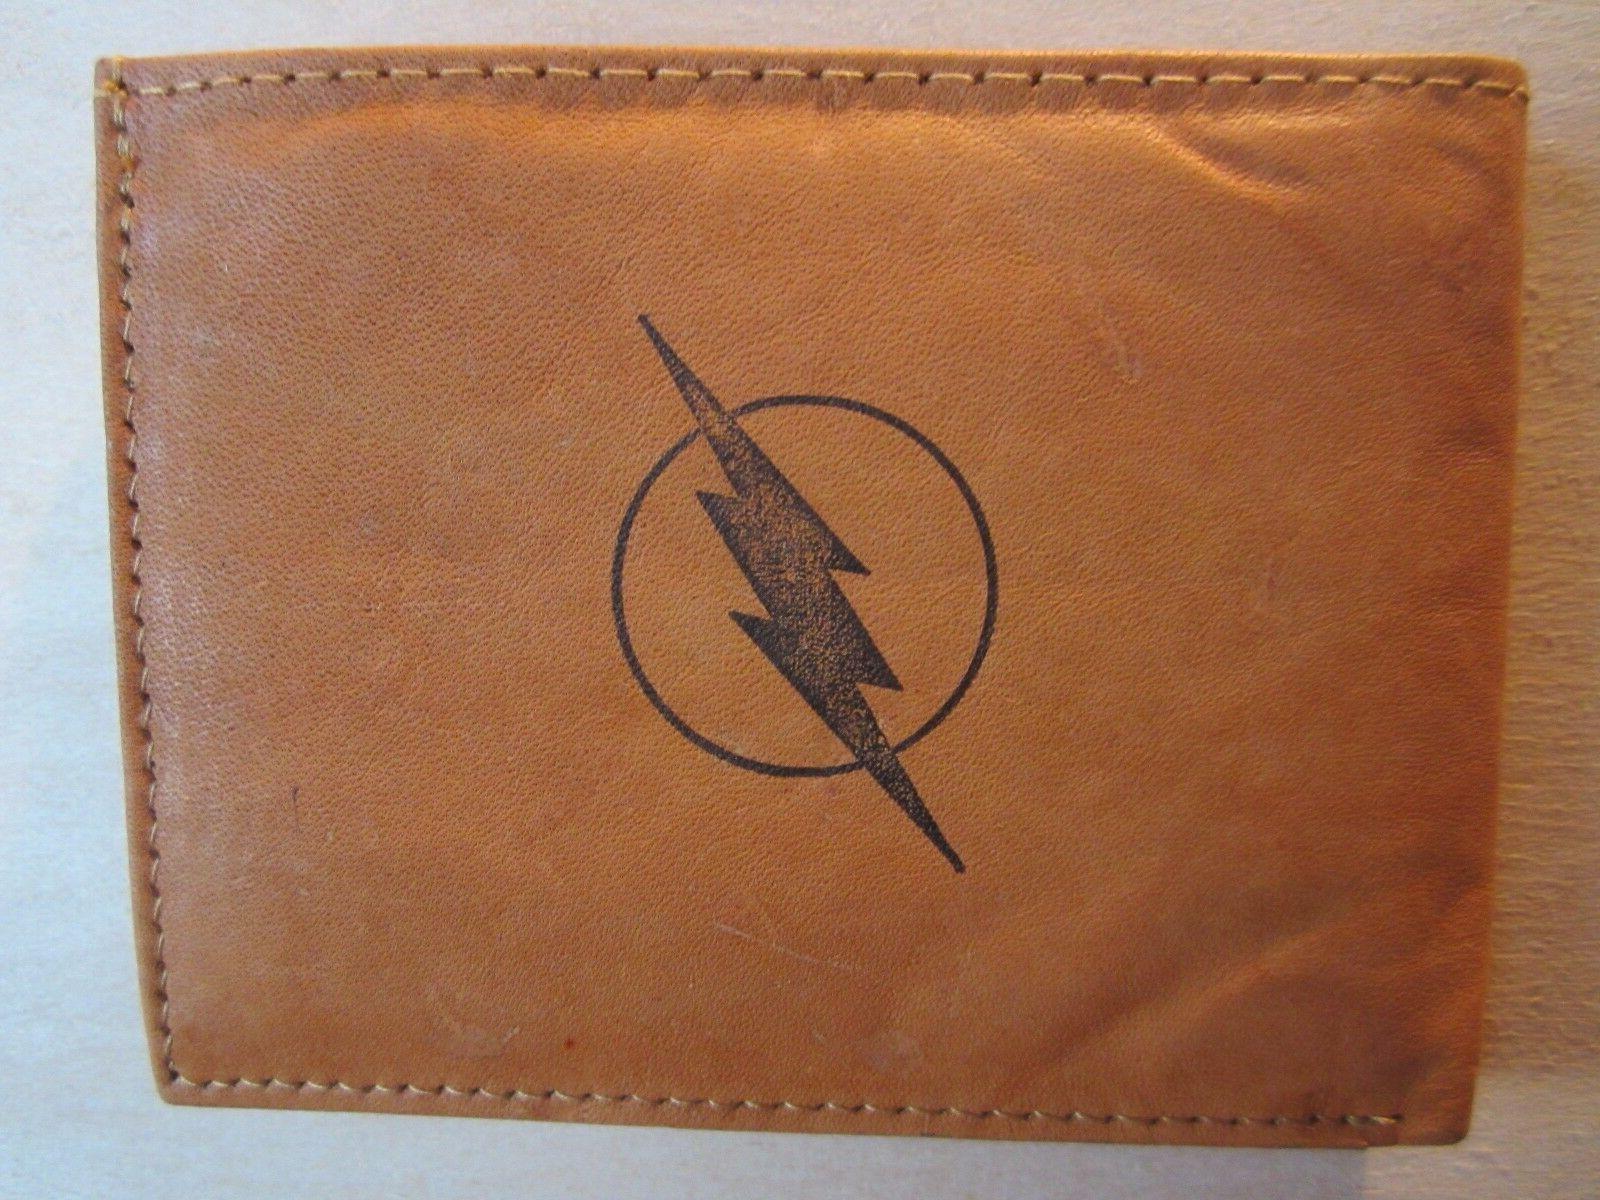 Mankind Wallets-Men's Tan Leather RFID Billfold-FREE Firetru